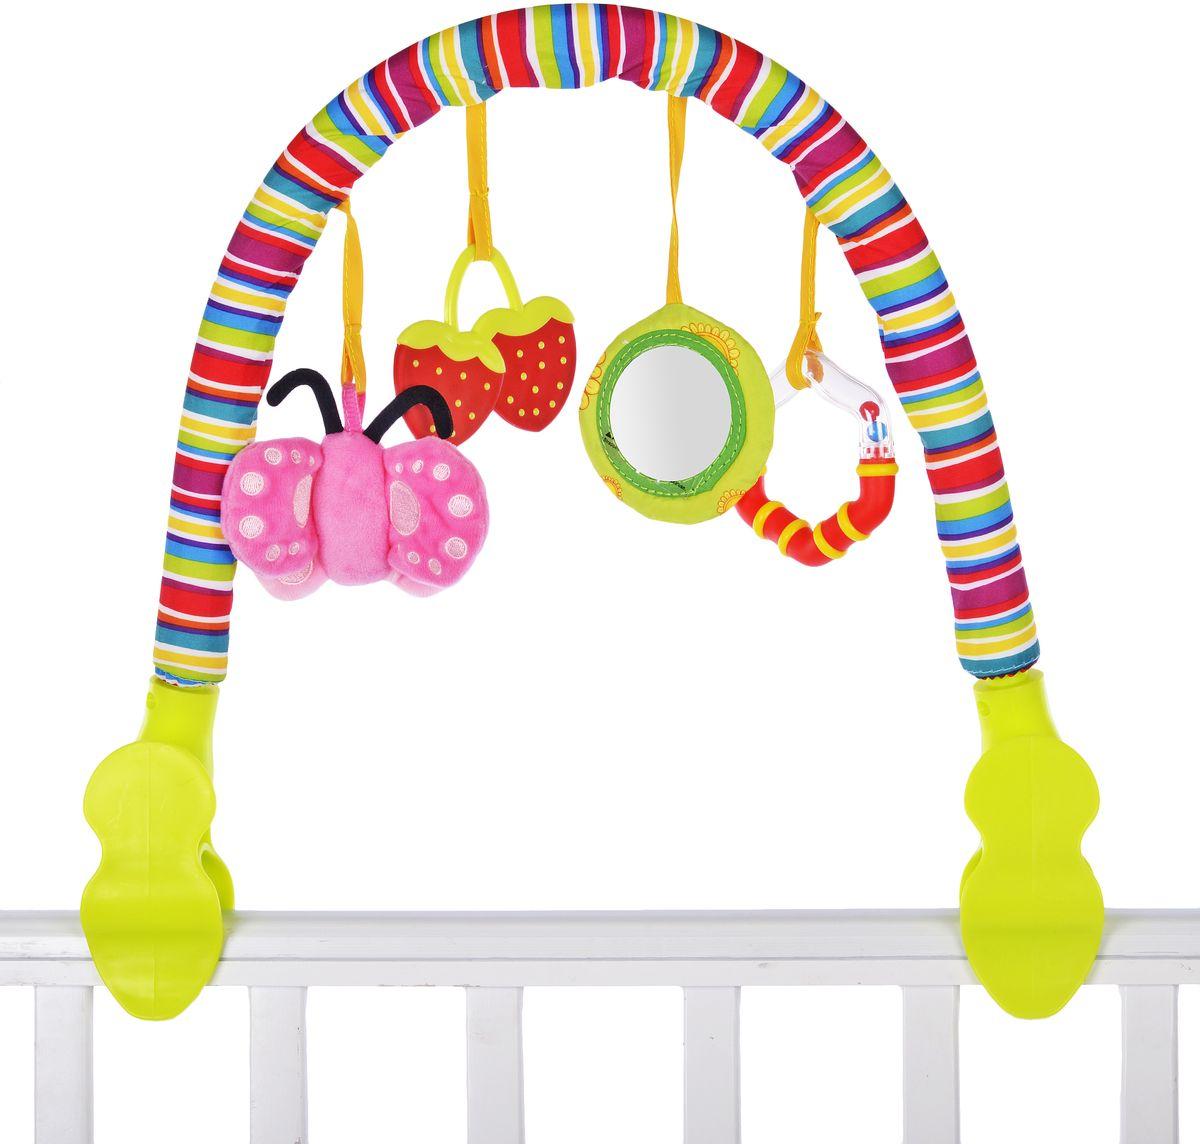 Жирафики Развивающая дуга Лето подвесные игрушки жирафики бабочка 93848